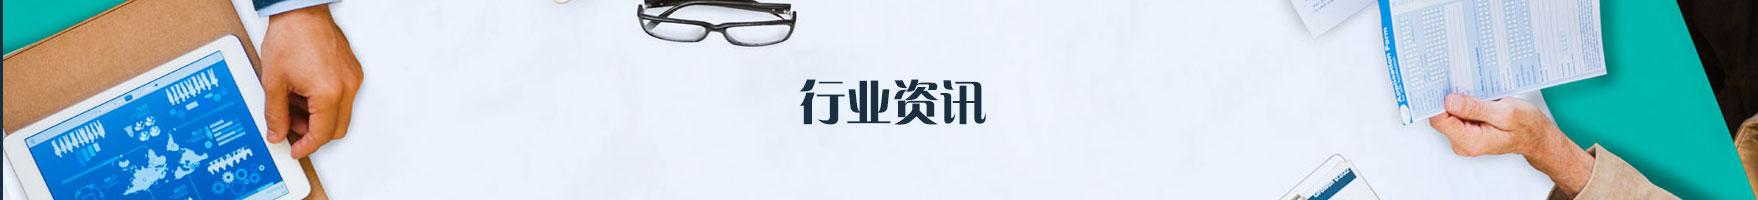 厦门晟中源财务管理有限公司